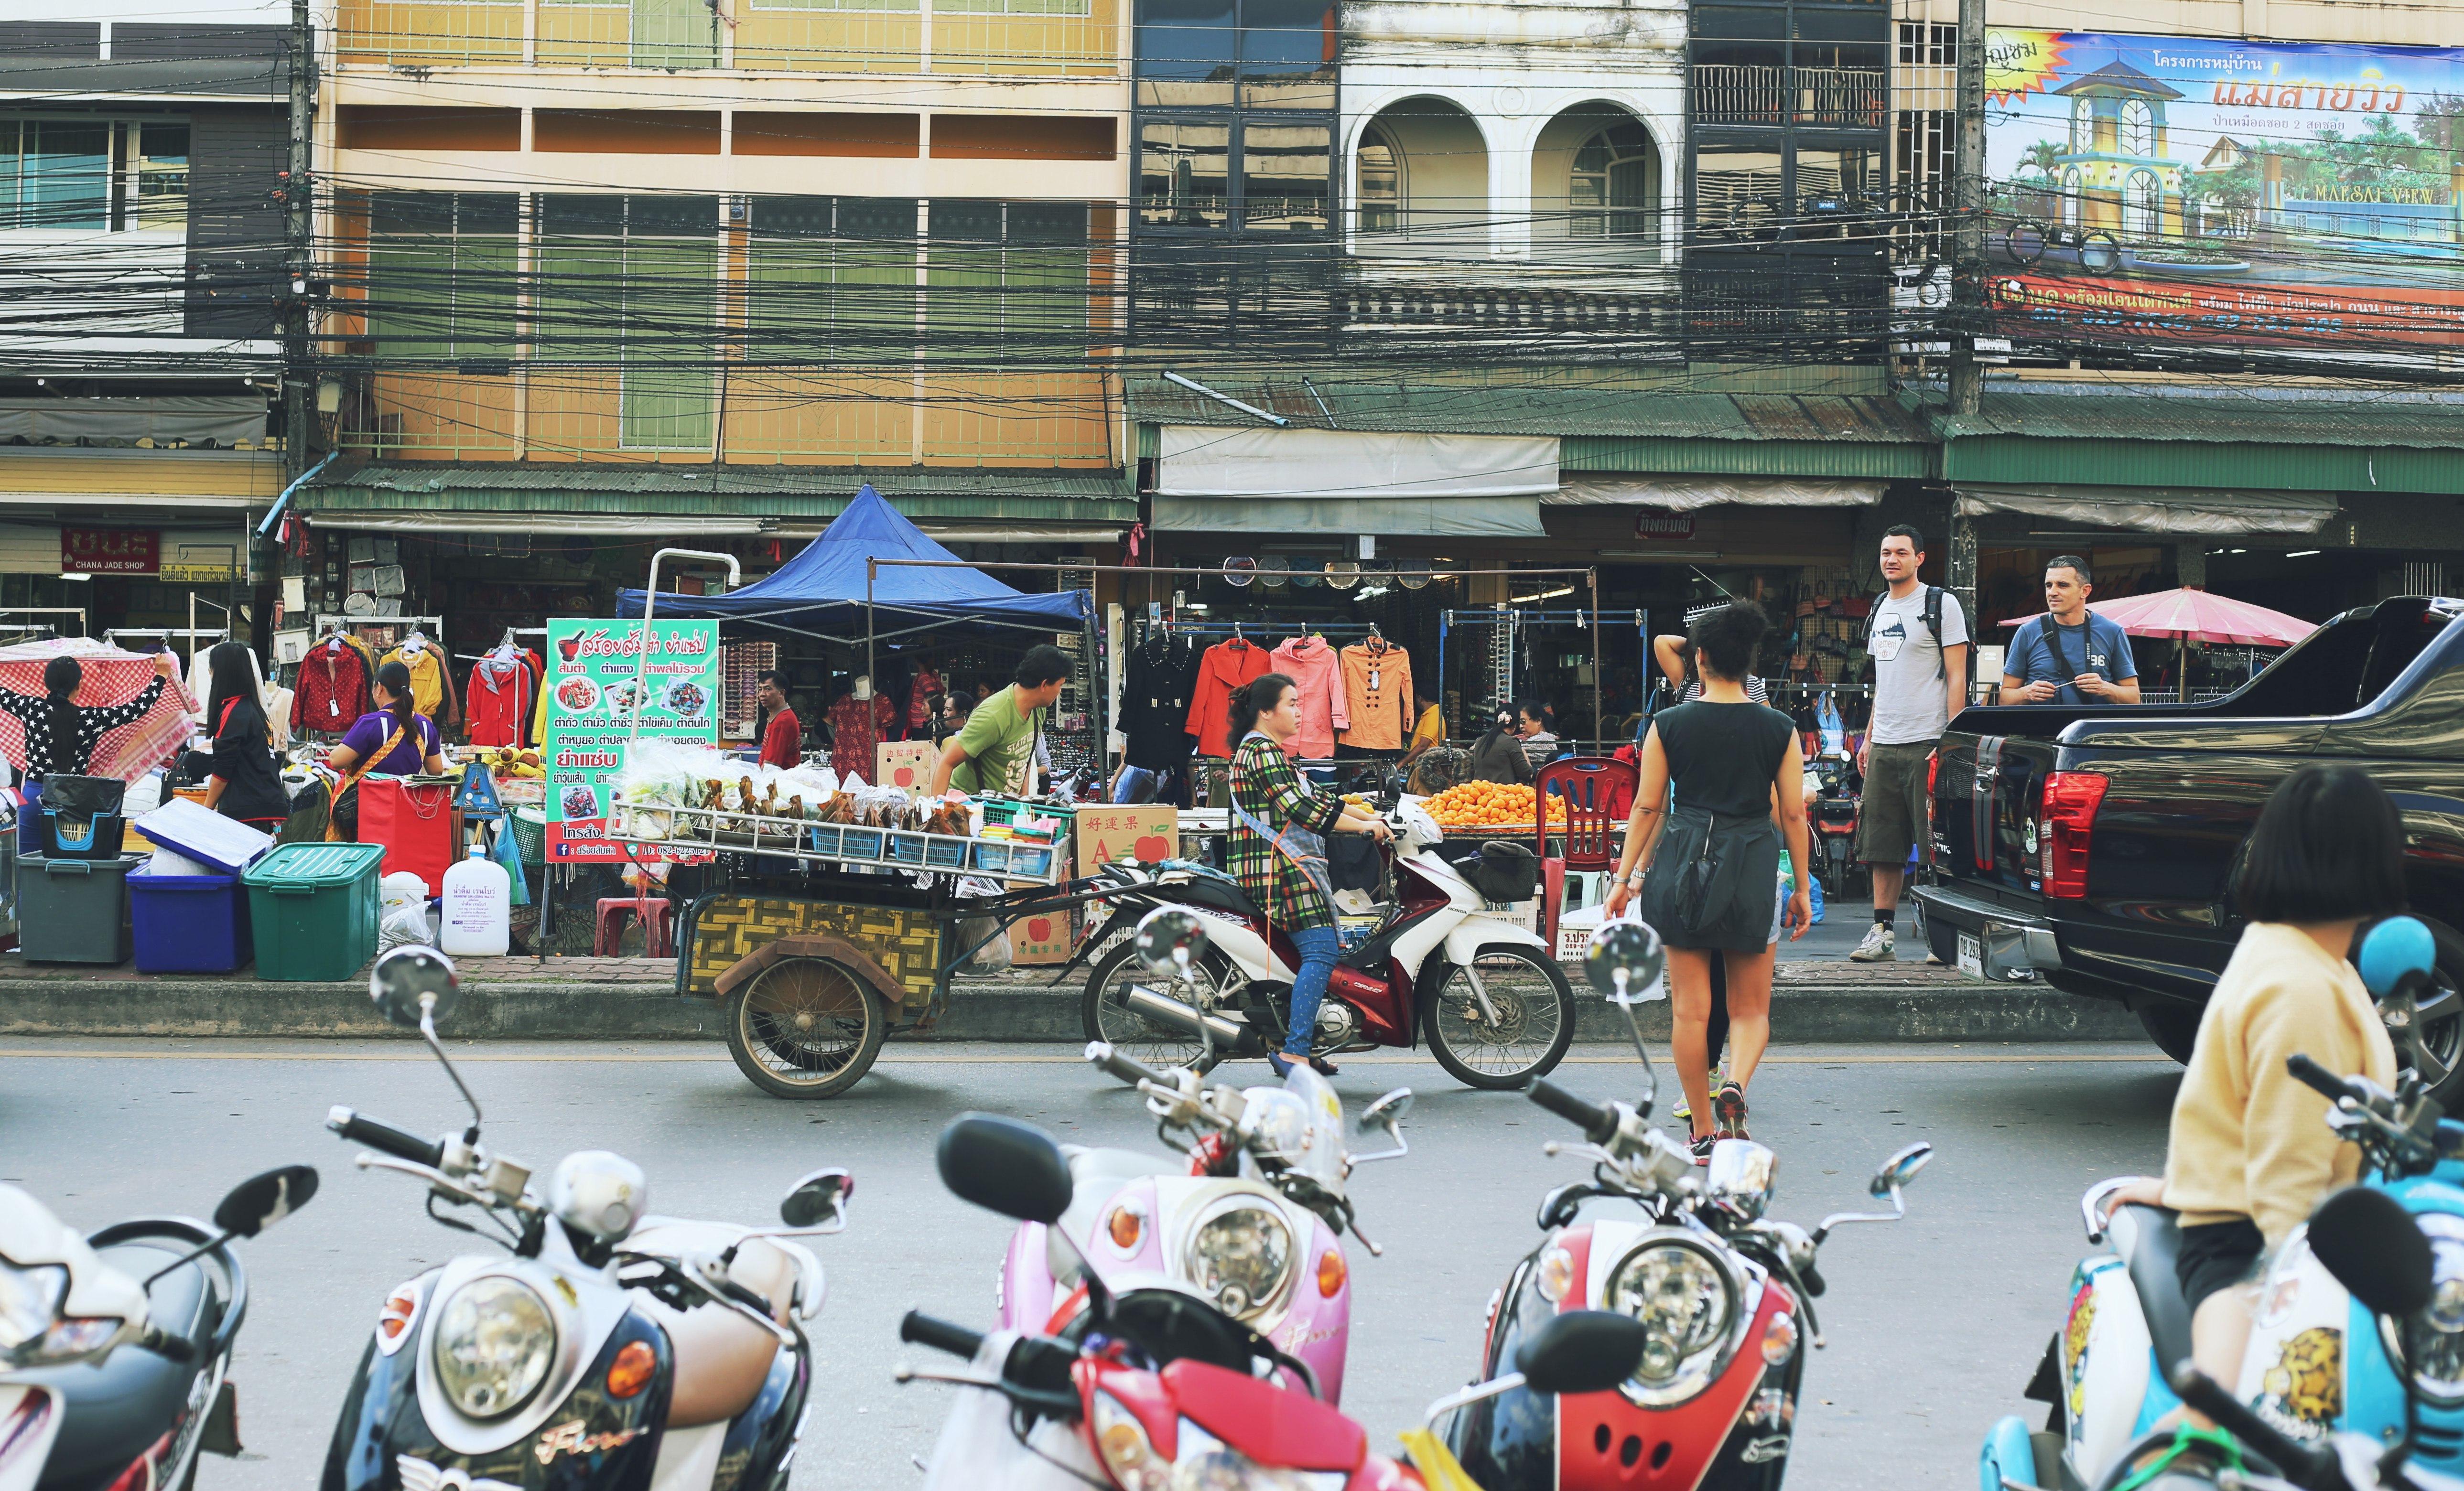 Uma das paradas é na fronteira terrestre com Myanmar, onde há um mercado cheio de bugigangas. (Foto: Nathalia Tavolieri / Viagem em Detalhes)